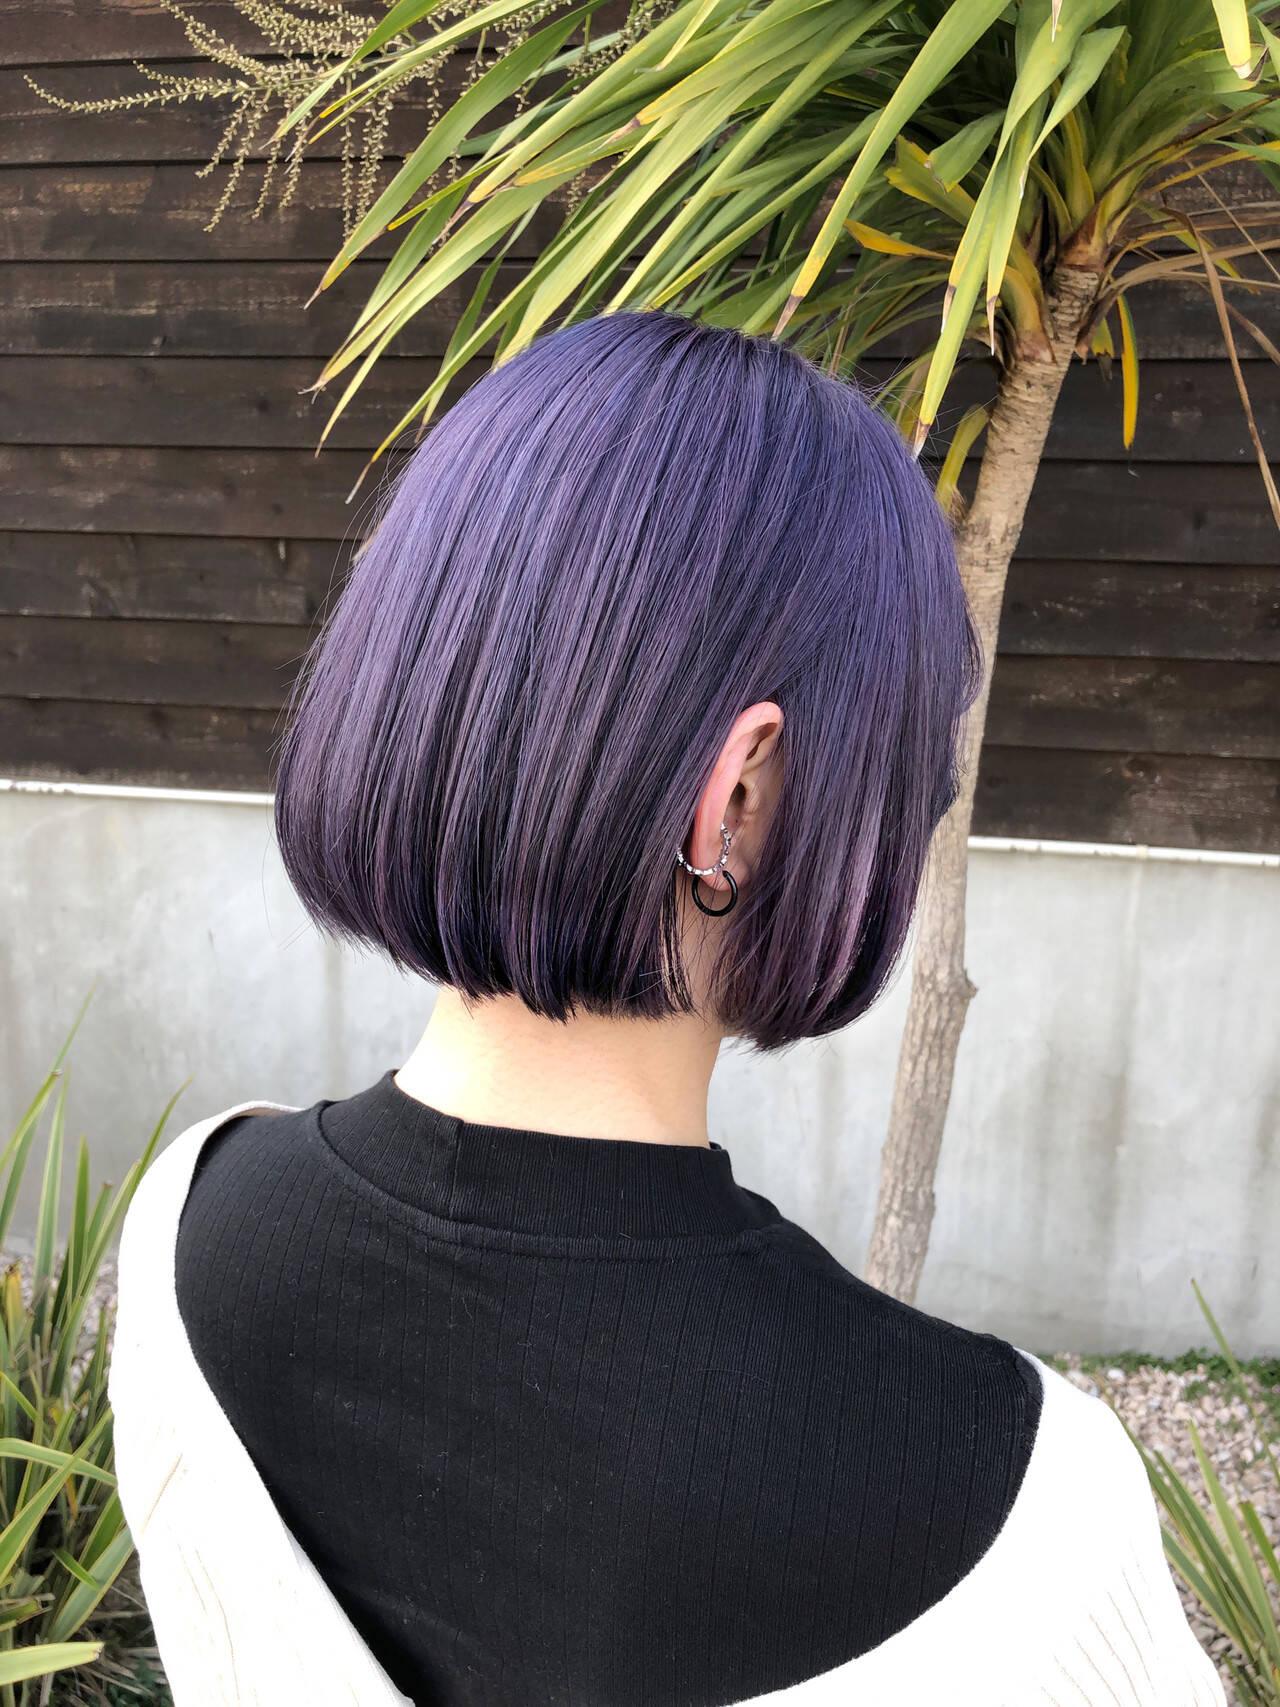 ラベンダー ラベンダーグレージュ ラベンダーカラー モードヘアスタイルや髪型の写真・画像